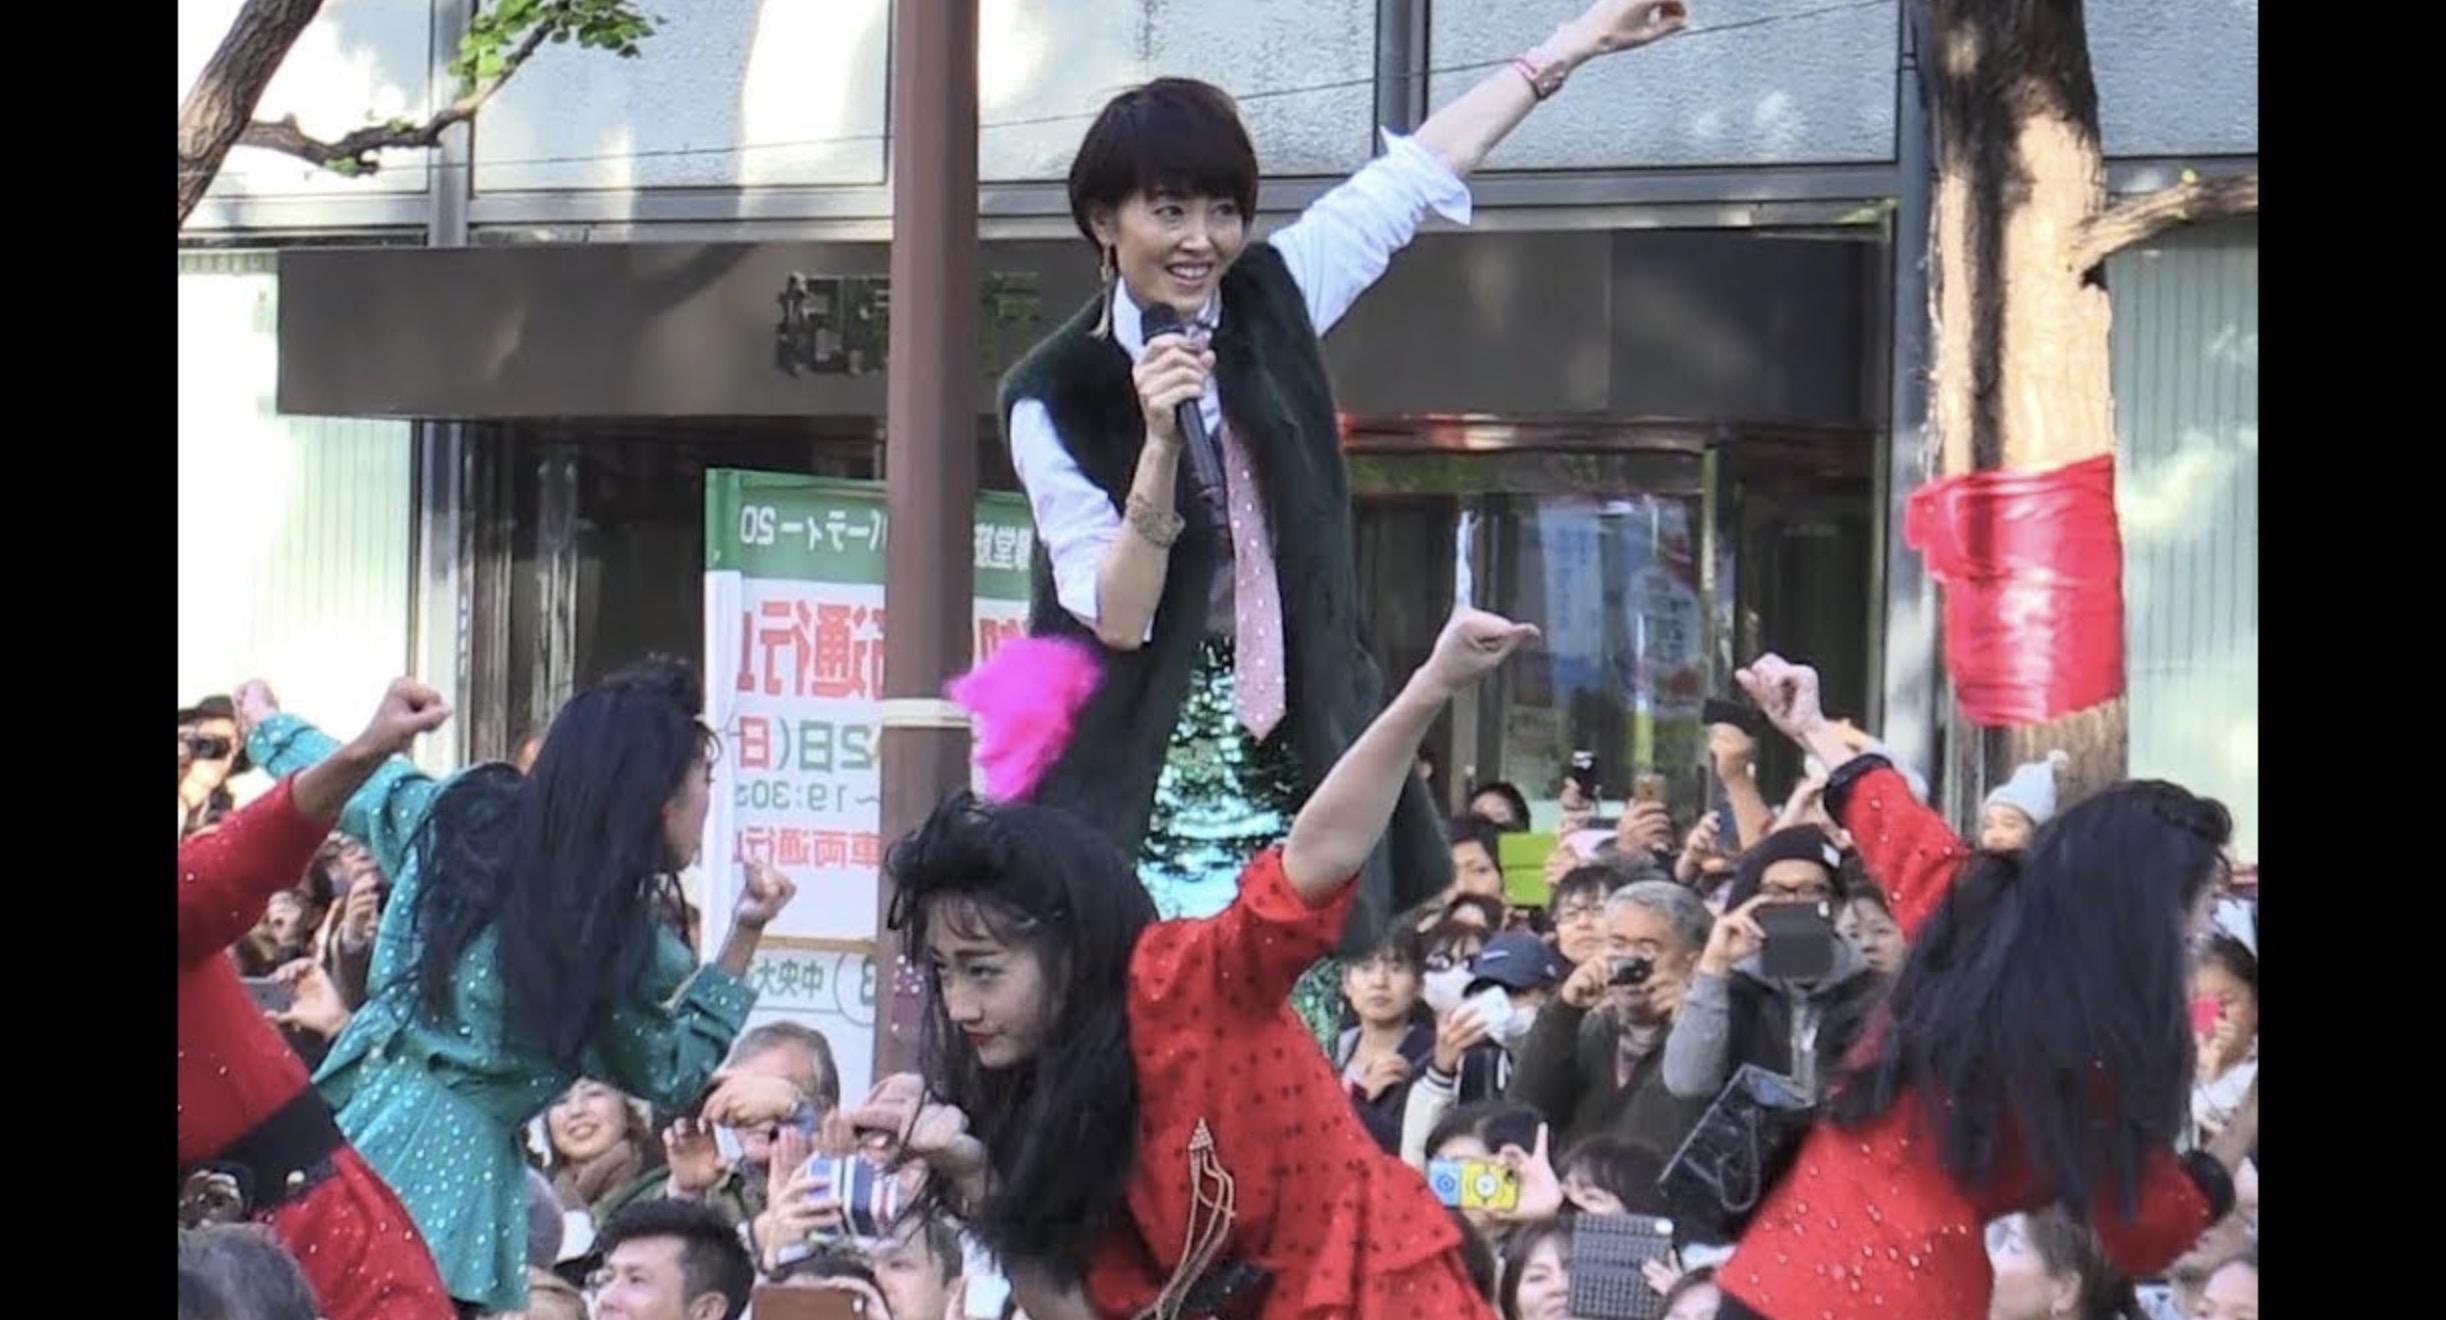 「バブリーダンス」に荻野目洋子さん本人が加わり熱唱!!